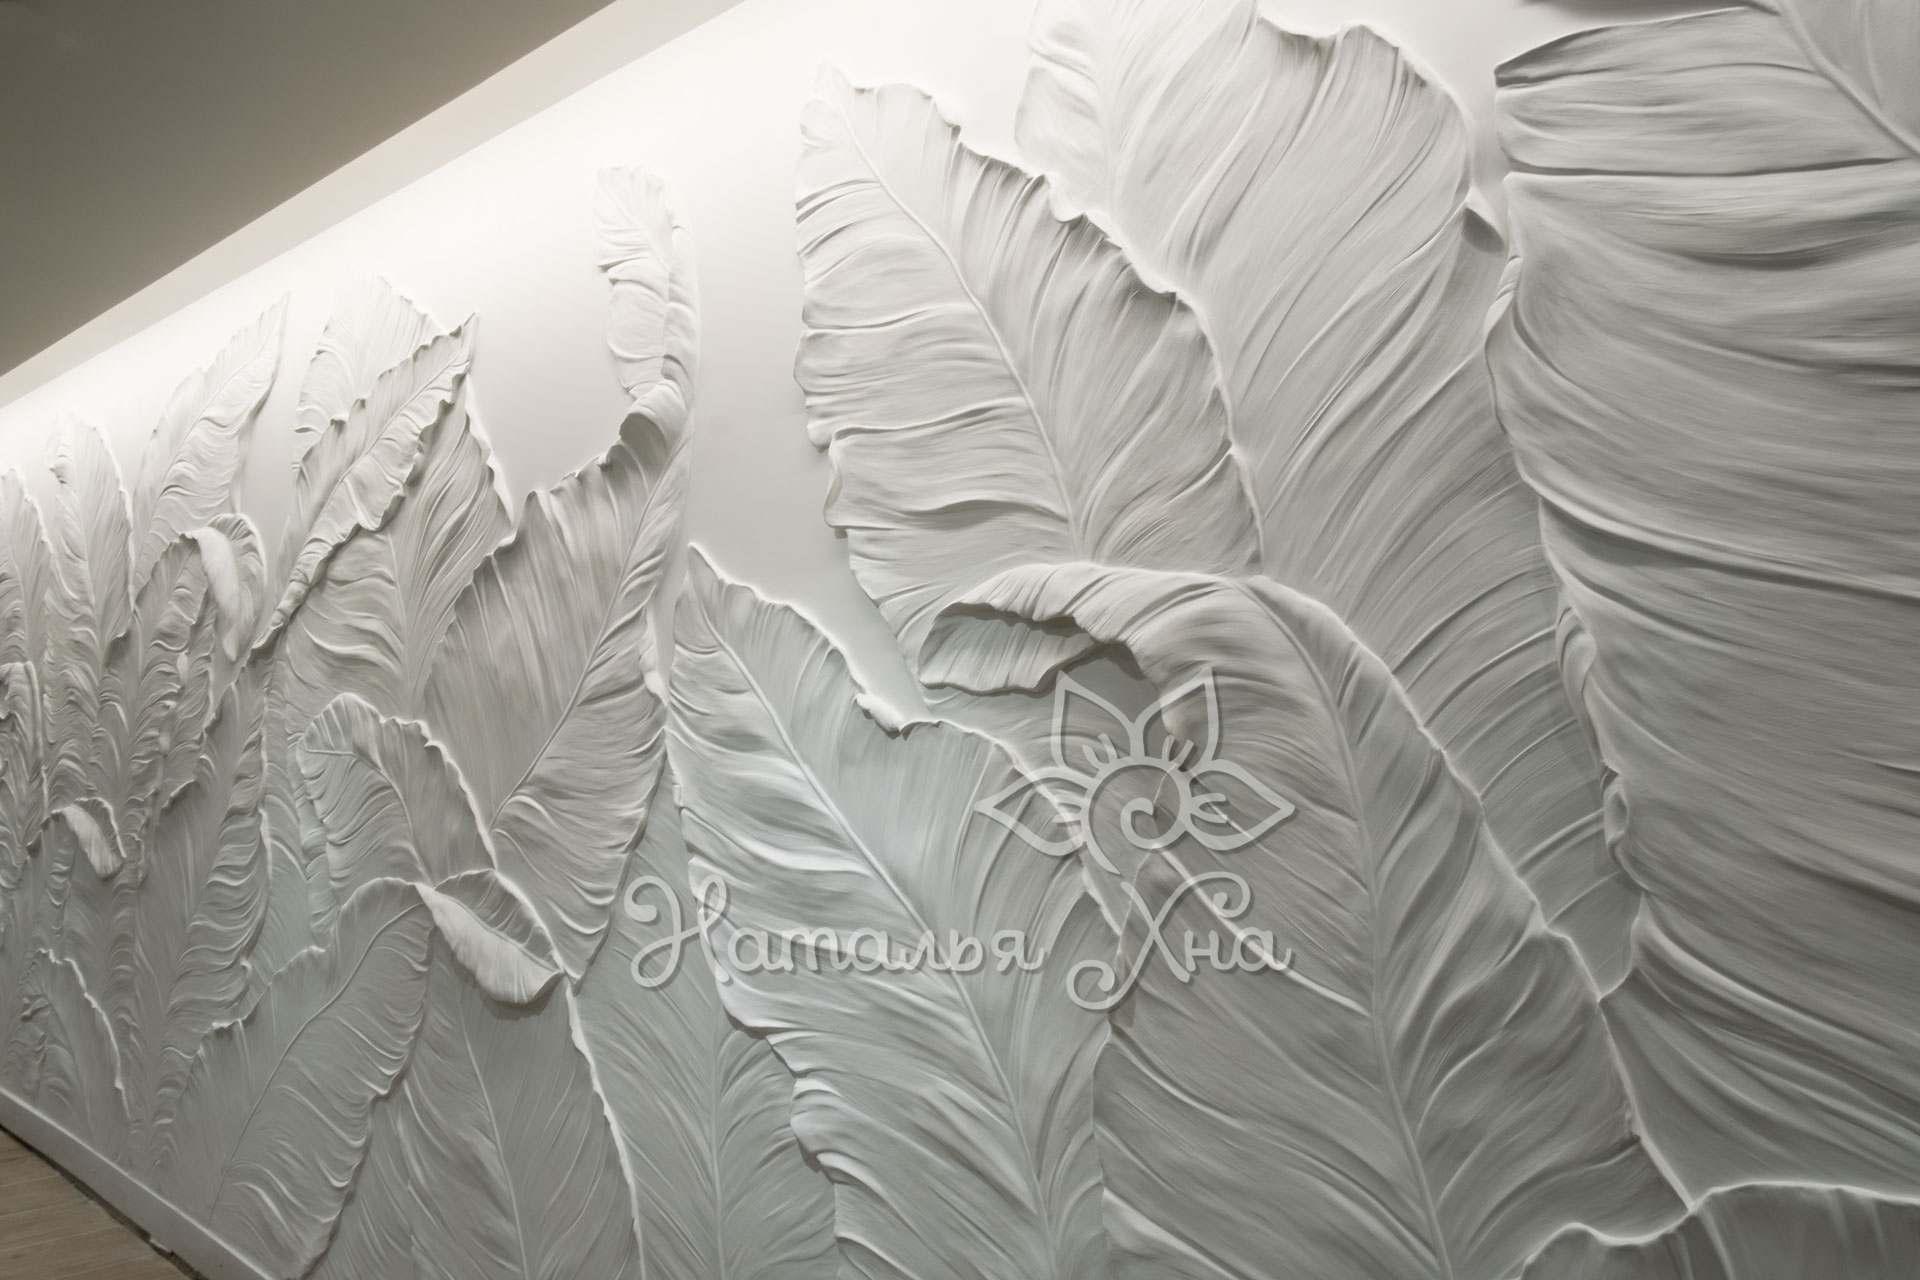 """barelef listya nananov nastennyj dekor na stene3 - Барельеф """"банановые листья"""""""